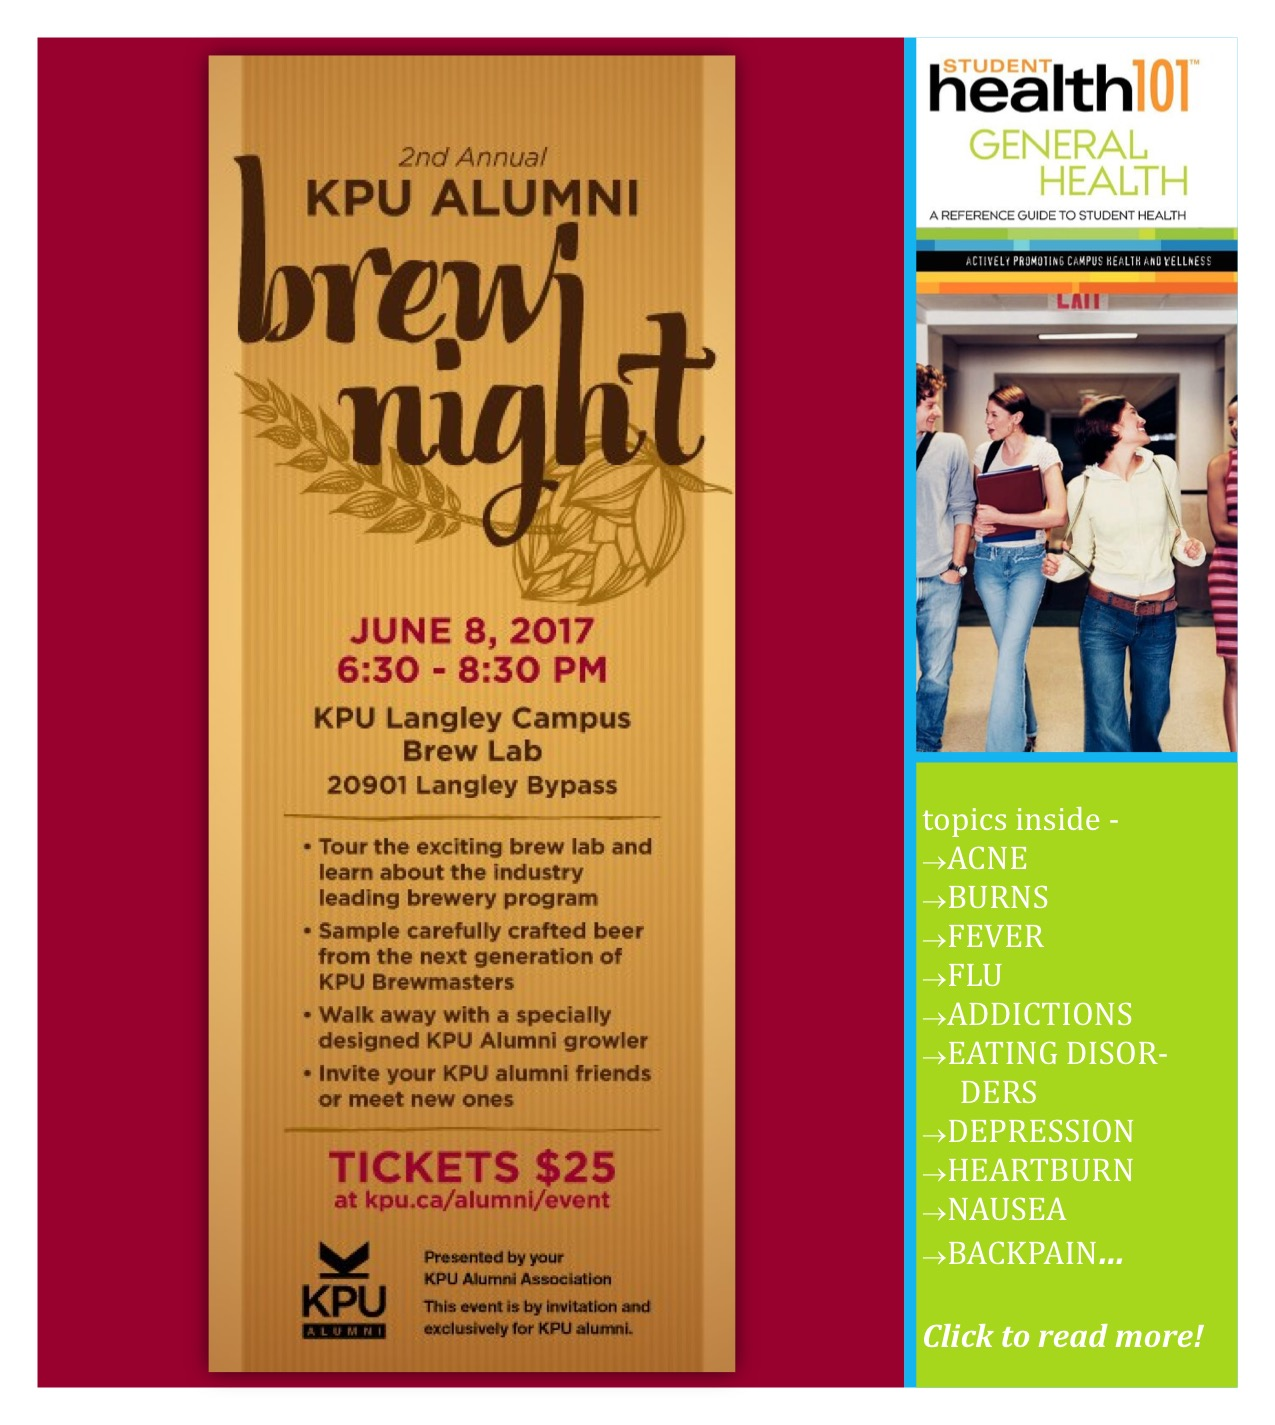 KPU Alumni Brew Night